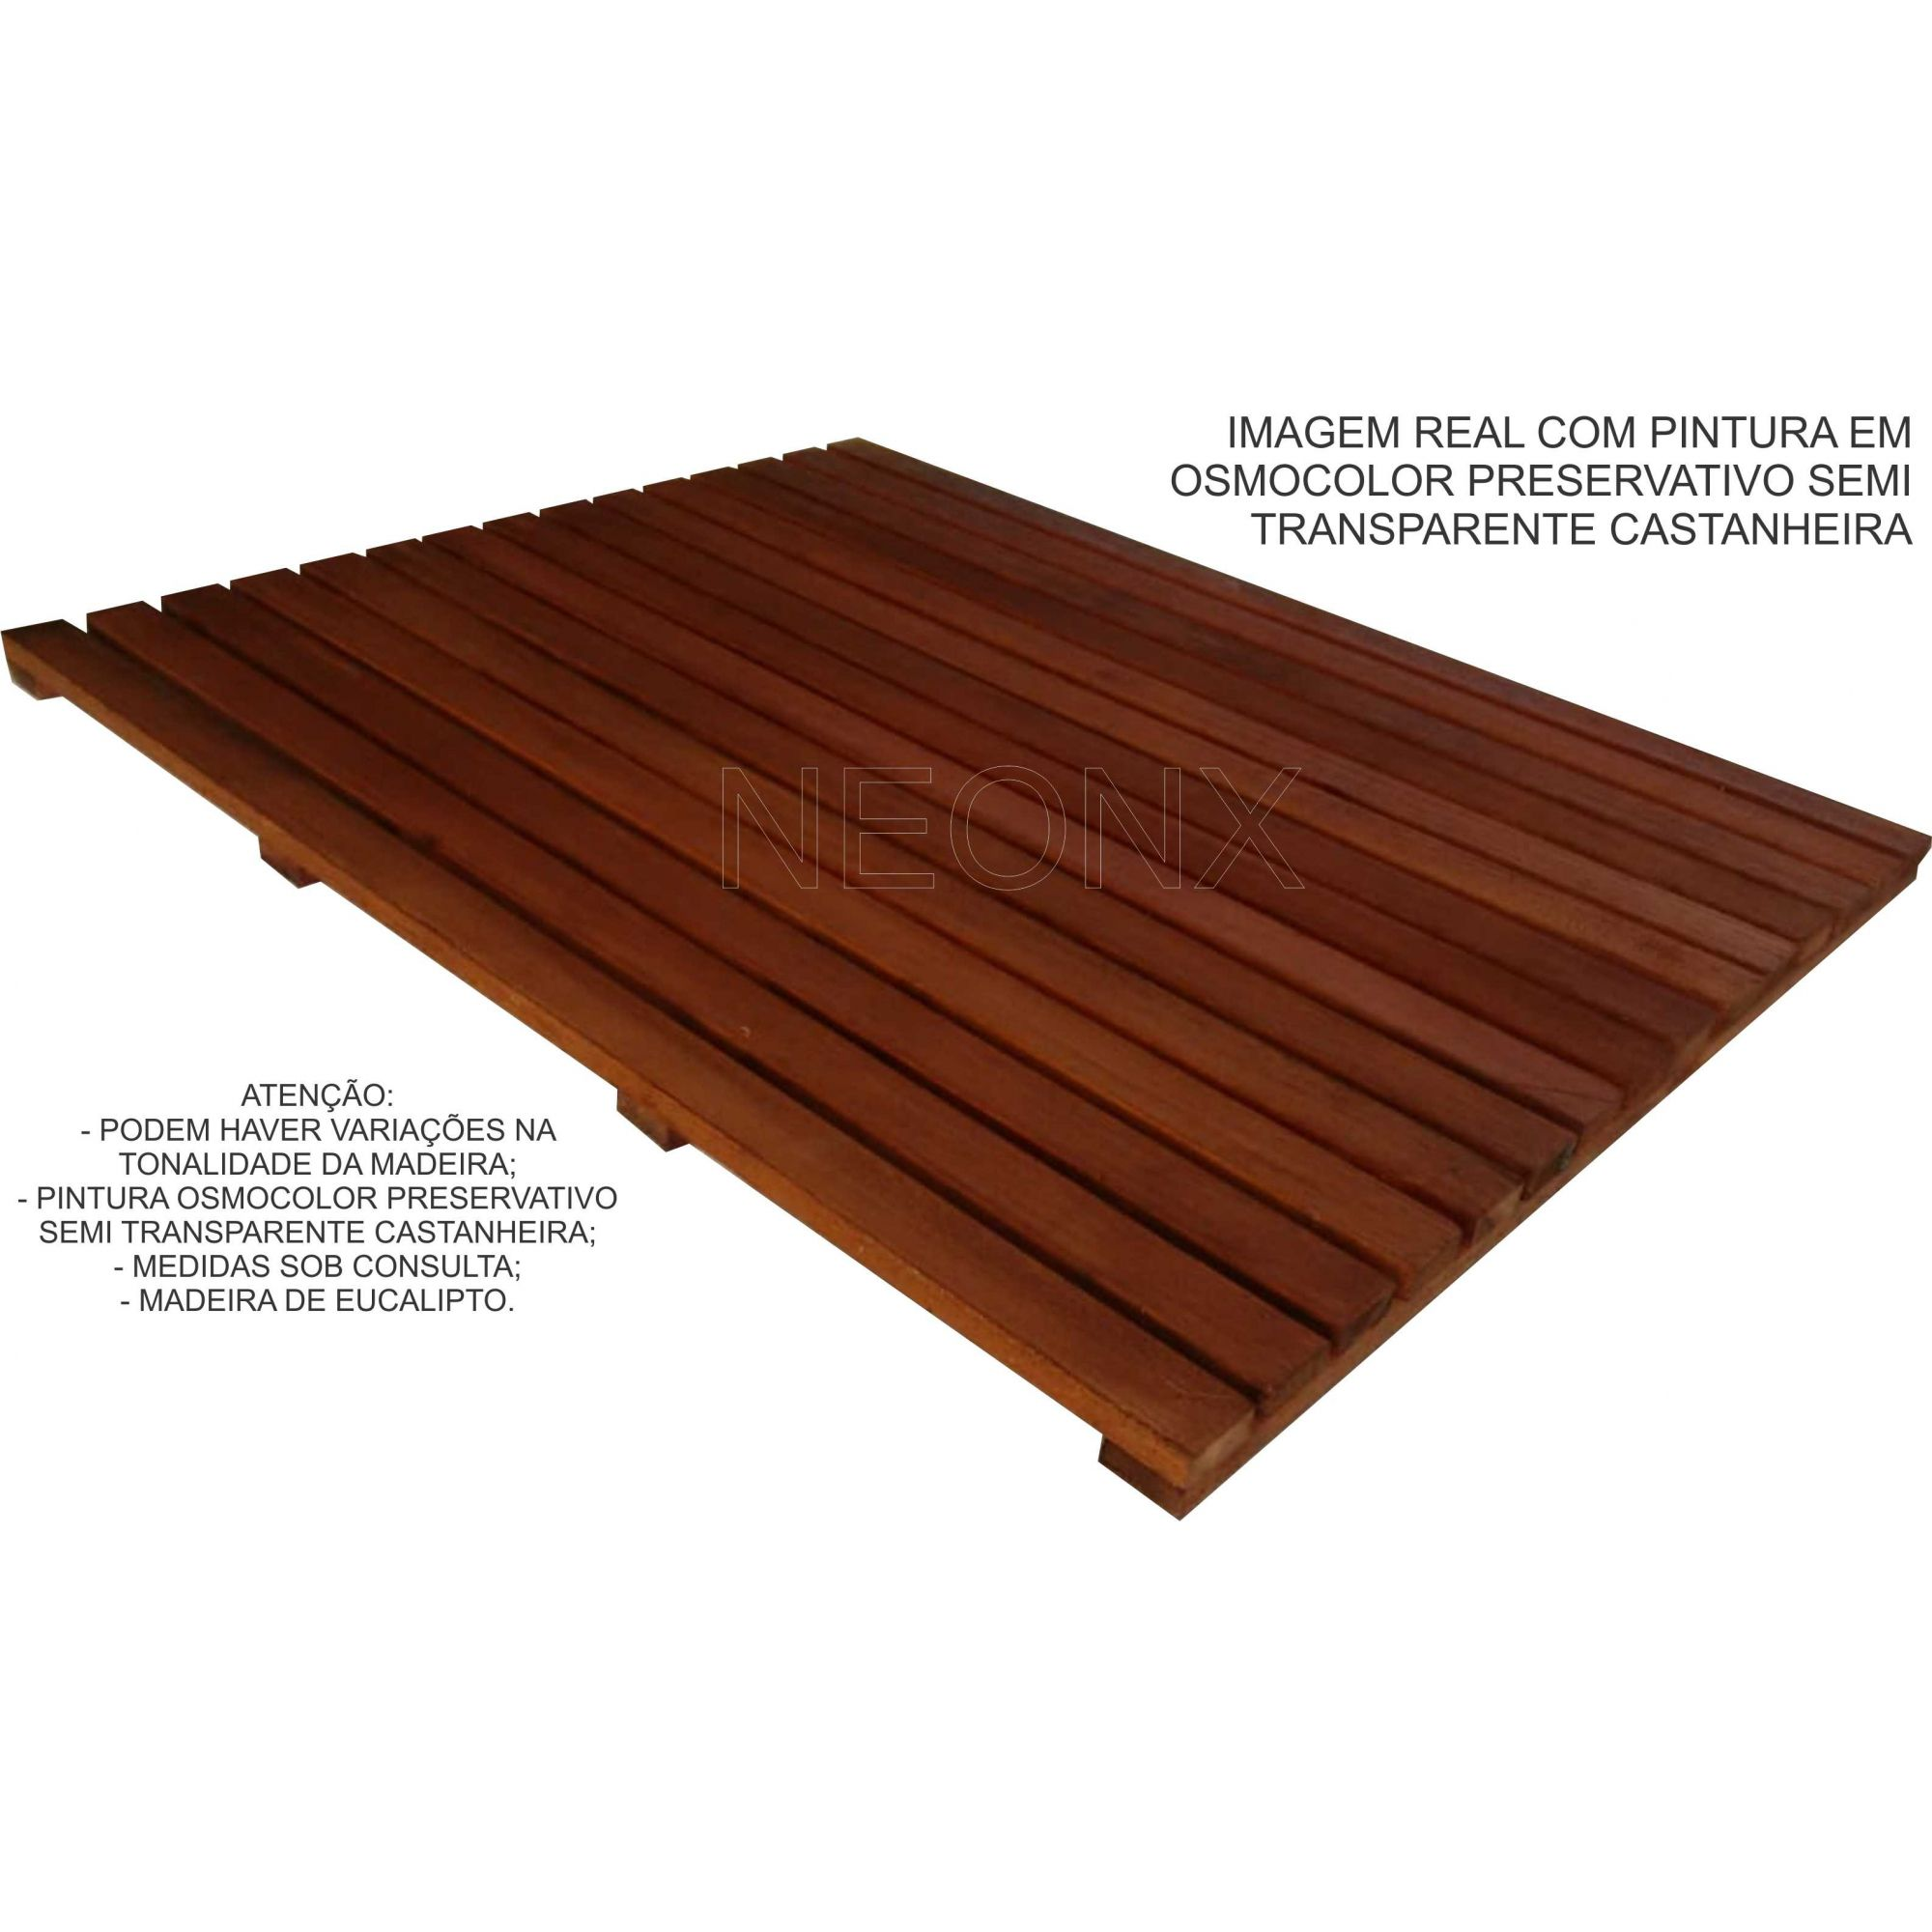 Deck De Madeira Chuveiro Box Banheiro Capacho 90x80 cm Pintado